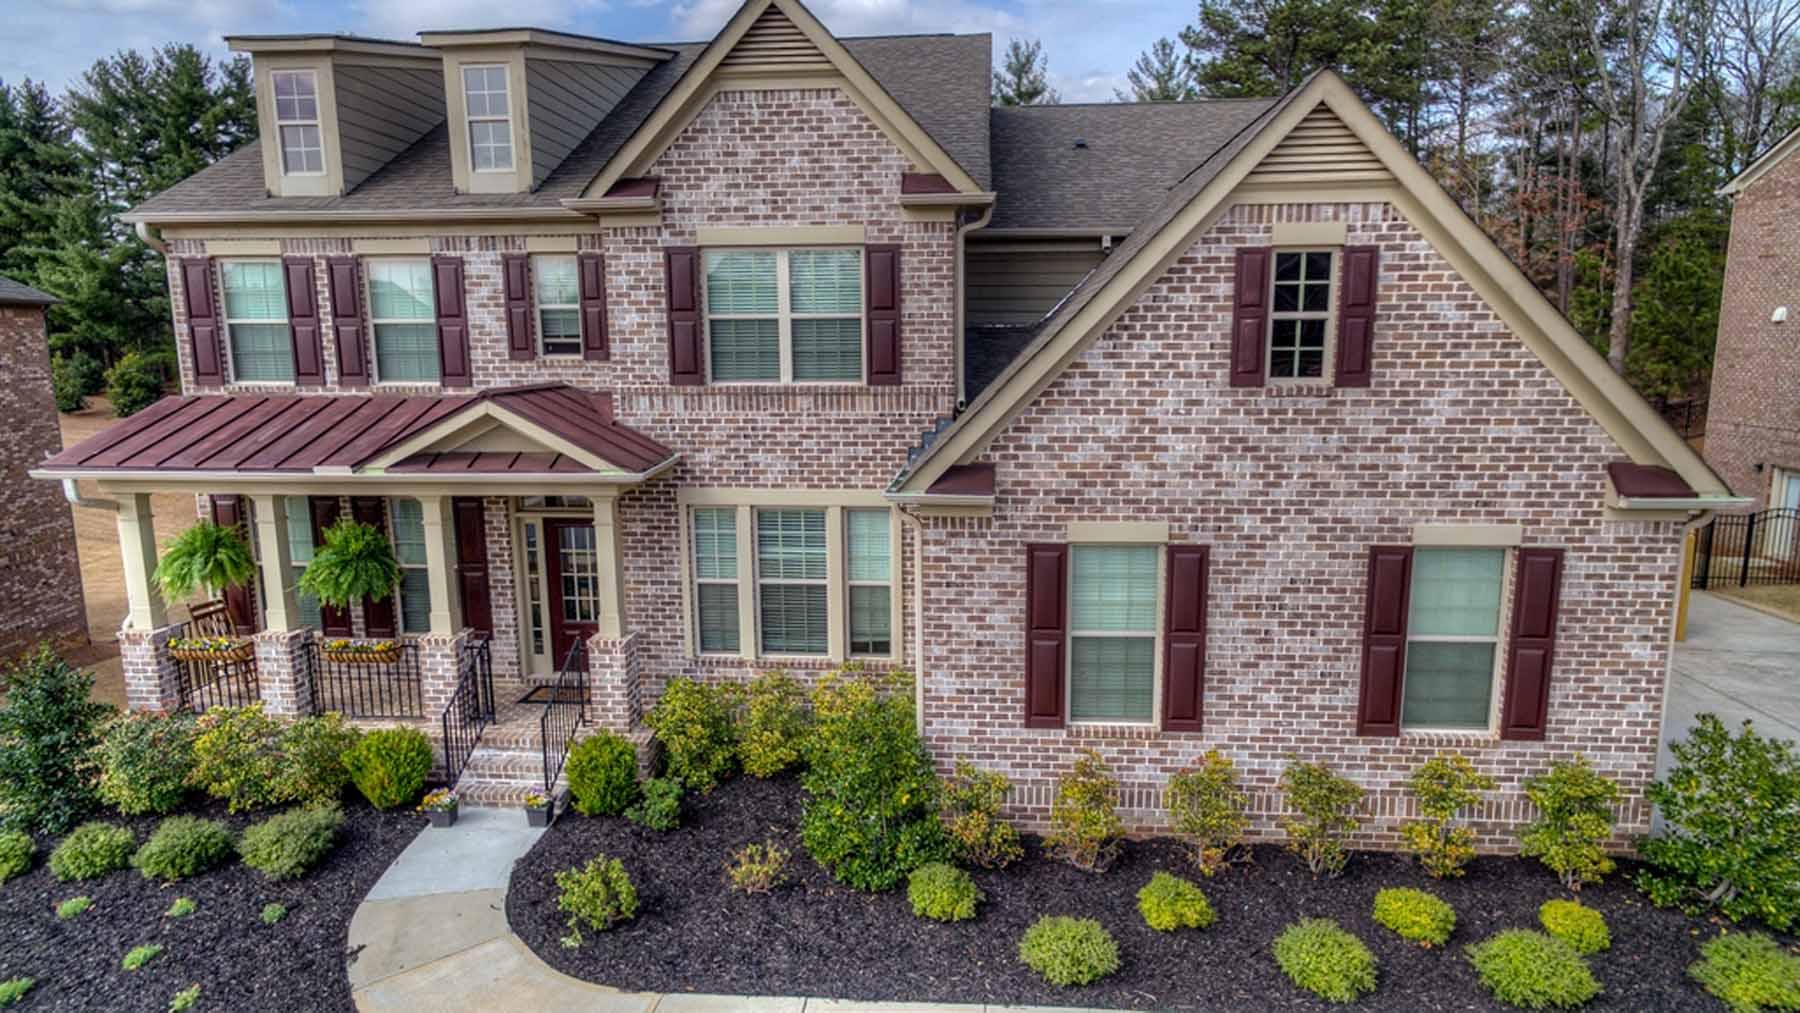 Einfamilienhaus für Verkauf beim Beautiful Home In Popular and Convenient Cheswyck 8765 Ellesmere Drive Cumming, Georgia, 30041 Vereinigte Staaten